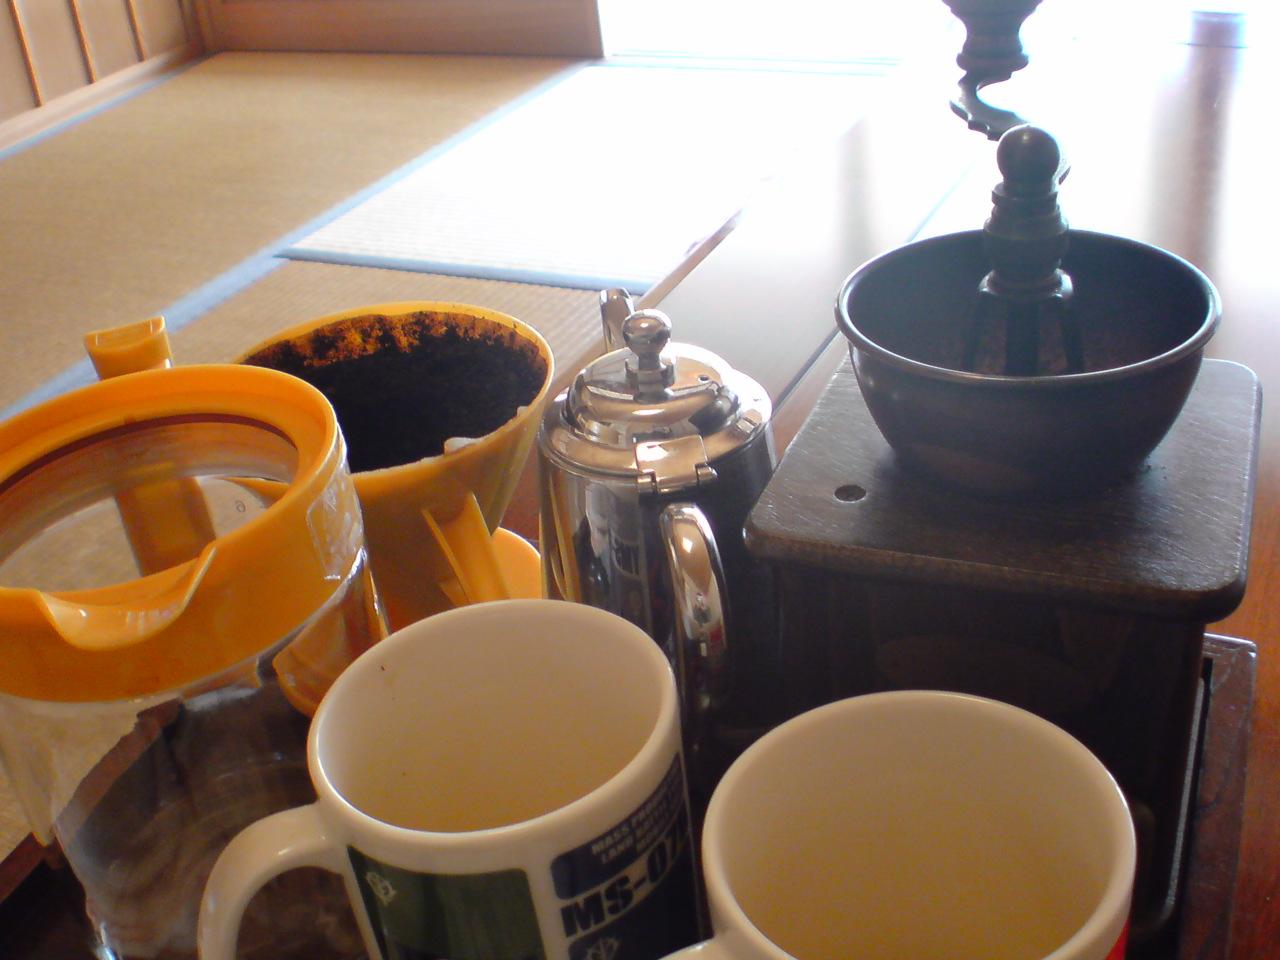 食後のコーヒーの後は